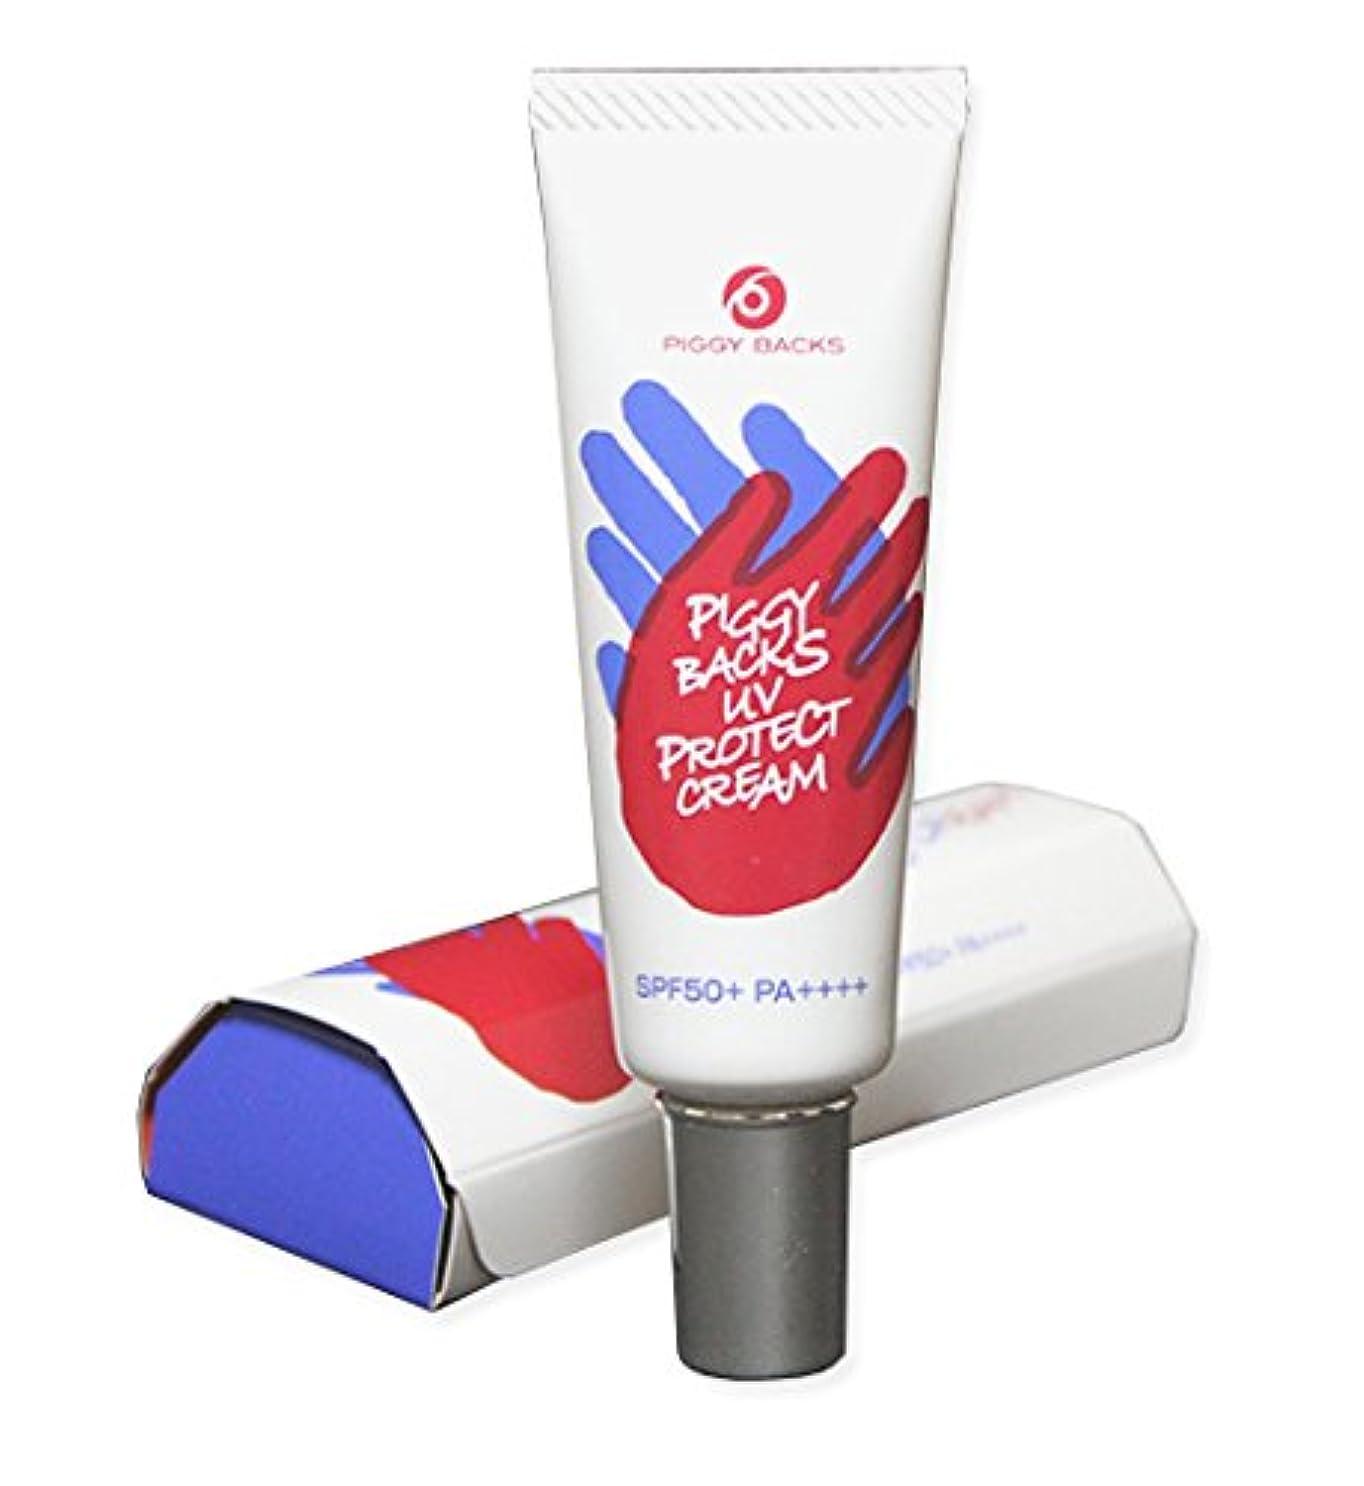 ミルク昼食共役ピギーバックス UVプロテクトクリーム【SPF50+、PA++++】国内最高紫外線防御力なのにノンケミカルを実現!塗り直しがいらない日焼け止めクリーム